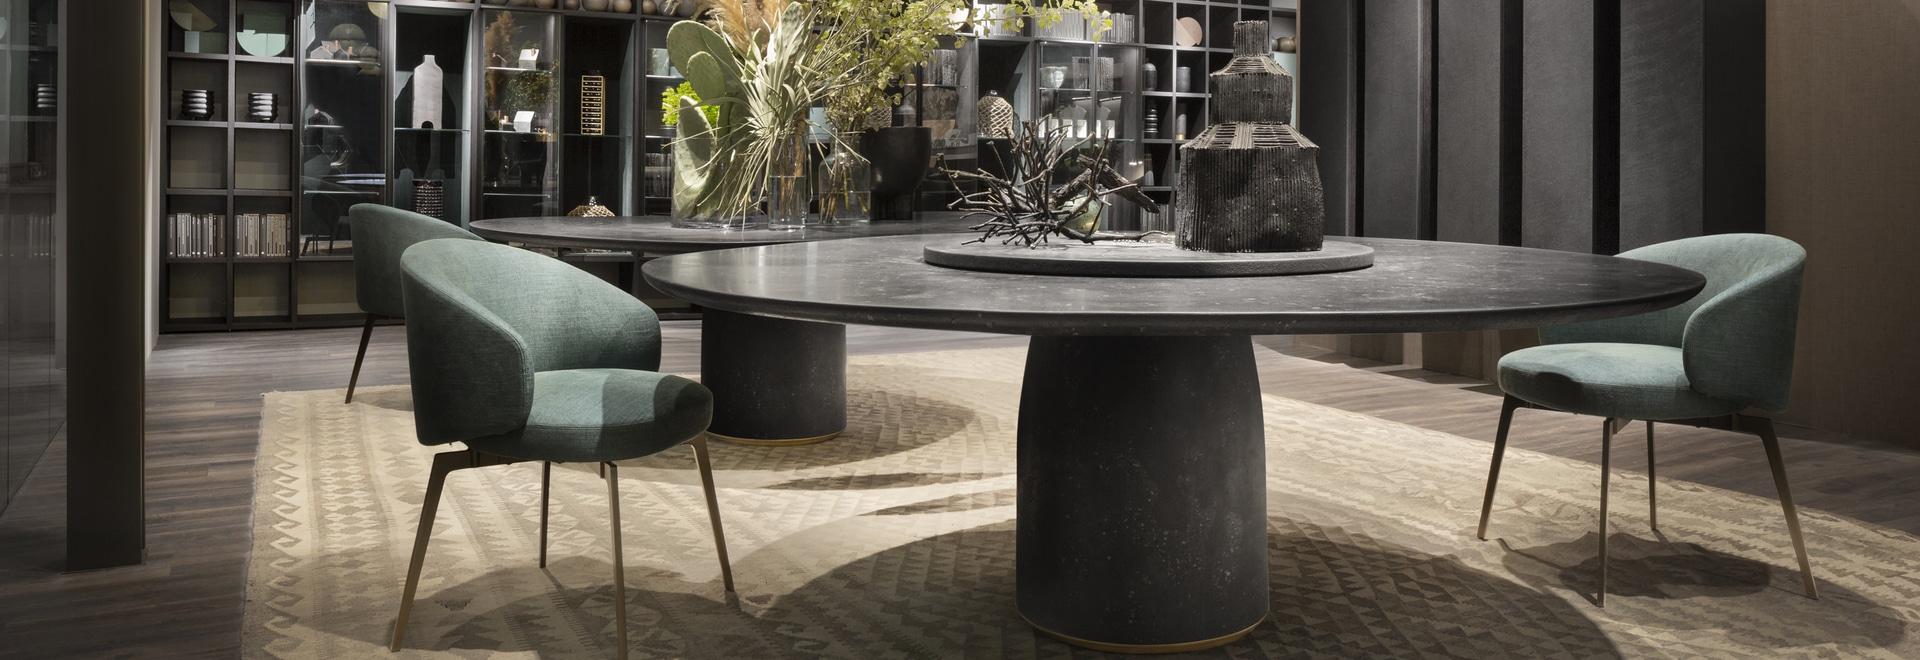 Table de Bulè par Chiara Andreatti ; Bea dinant la chaise par Roberto Lazzeroni ; Système modulaire de T030 et de Selecta